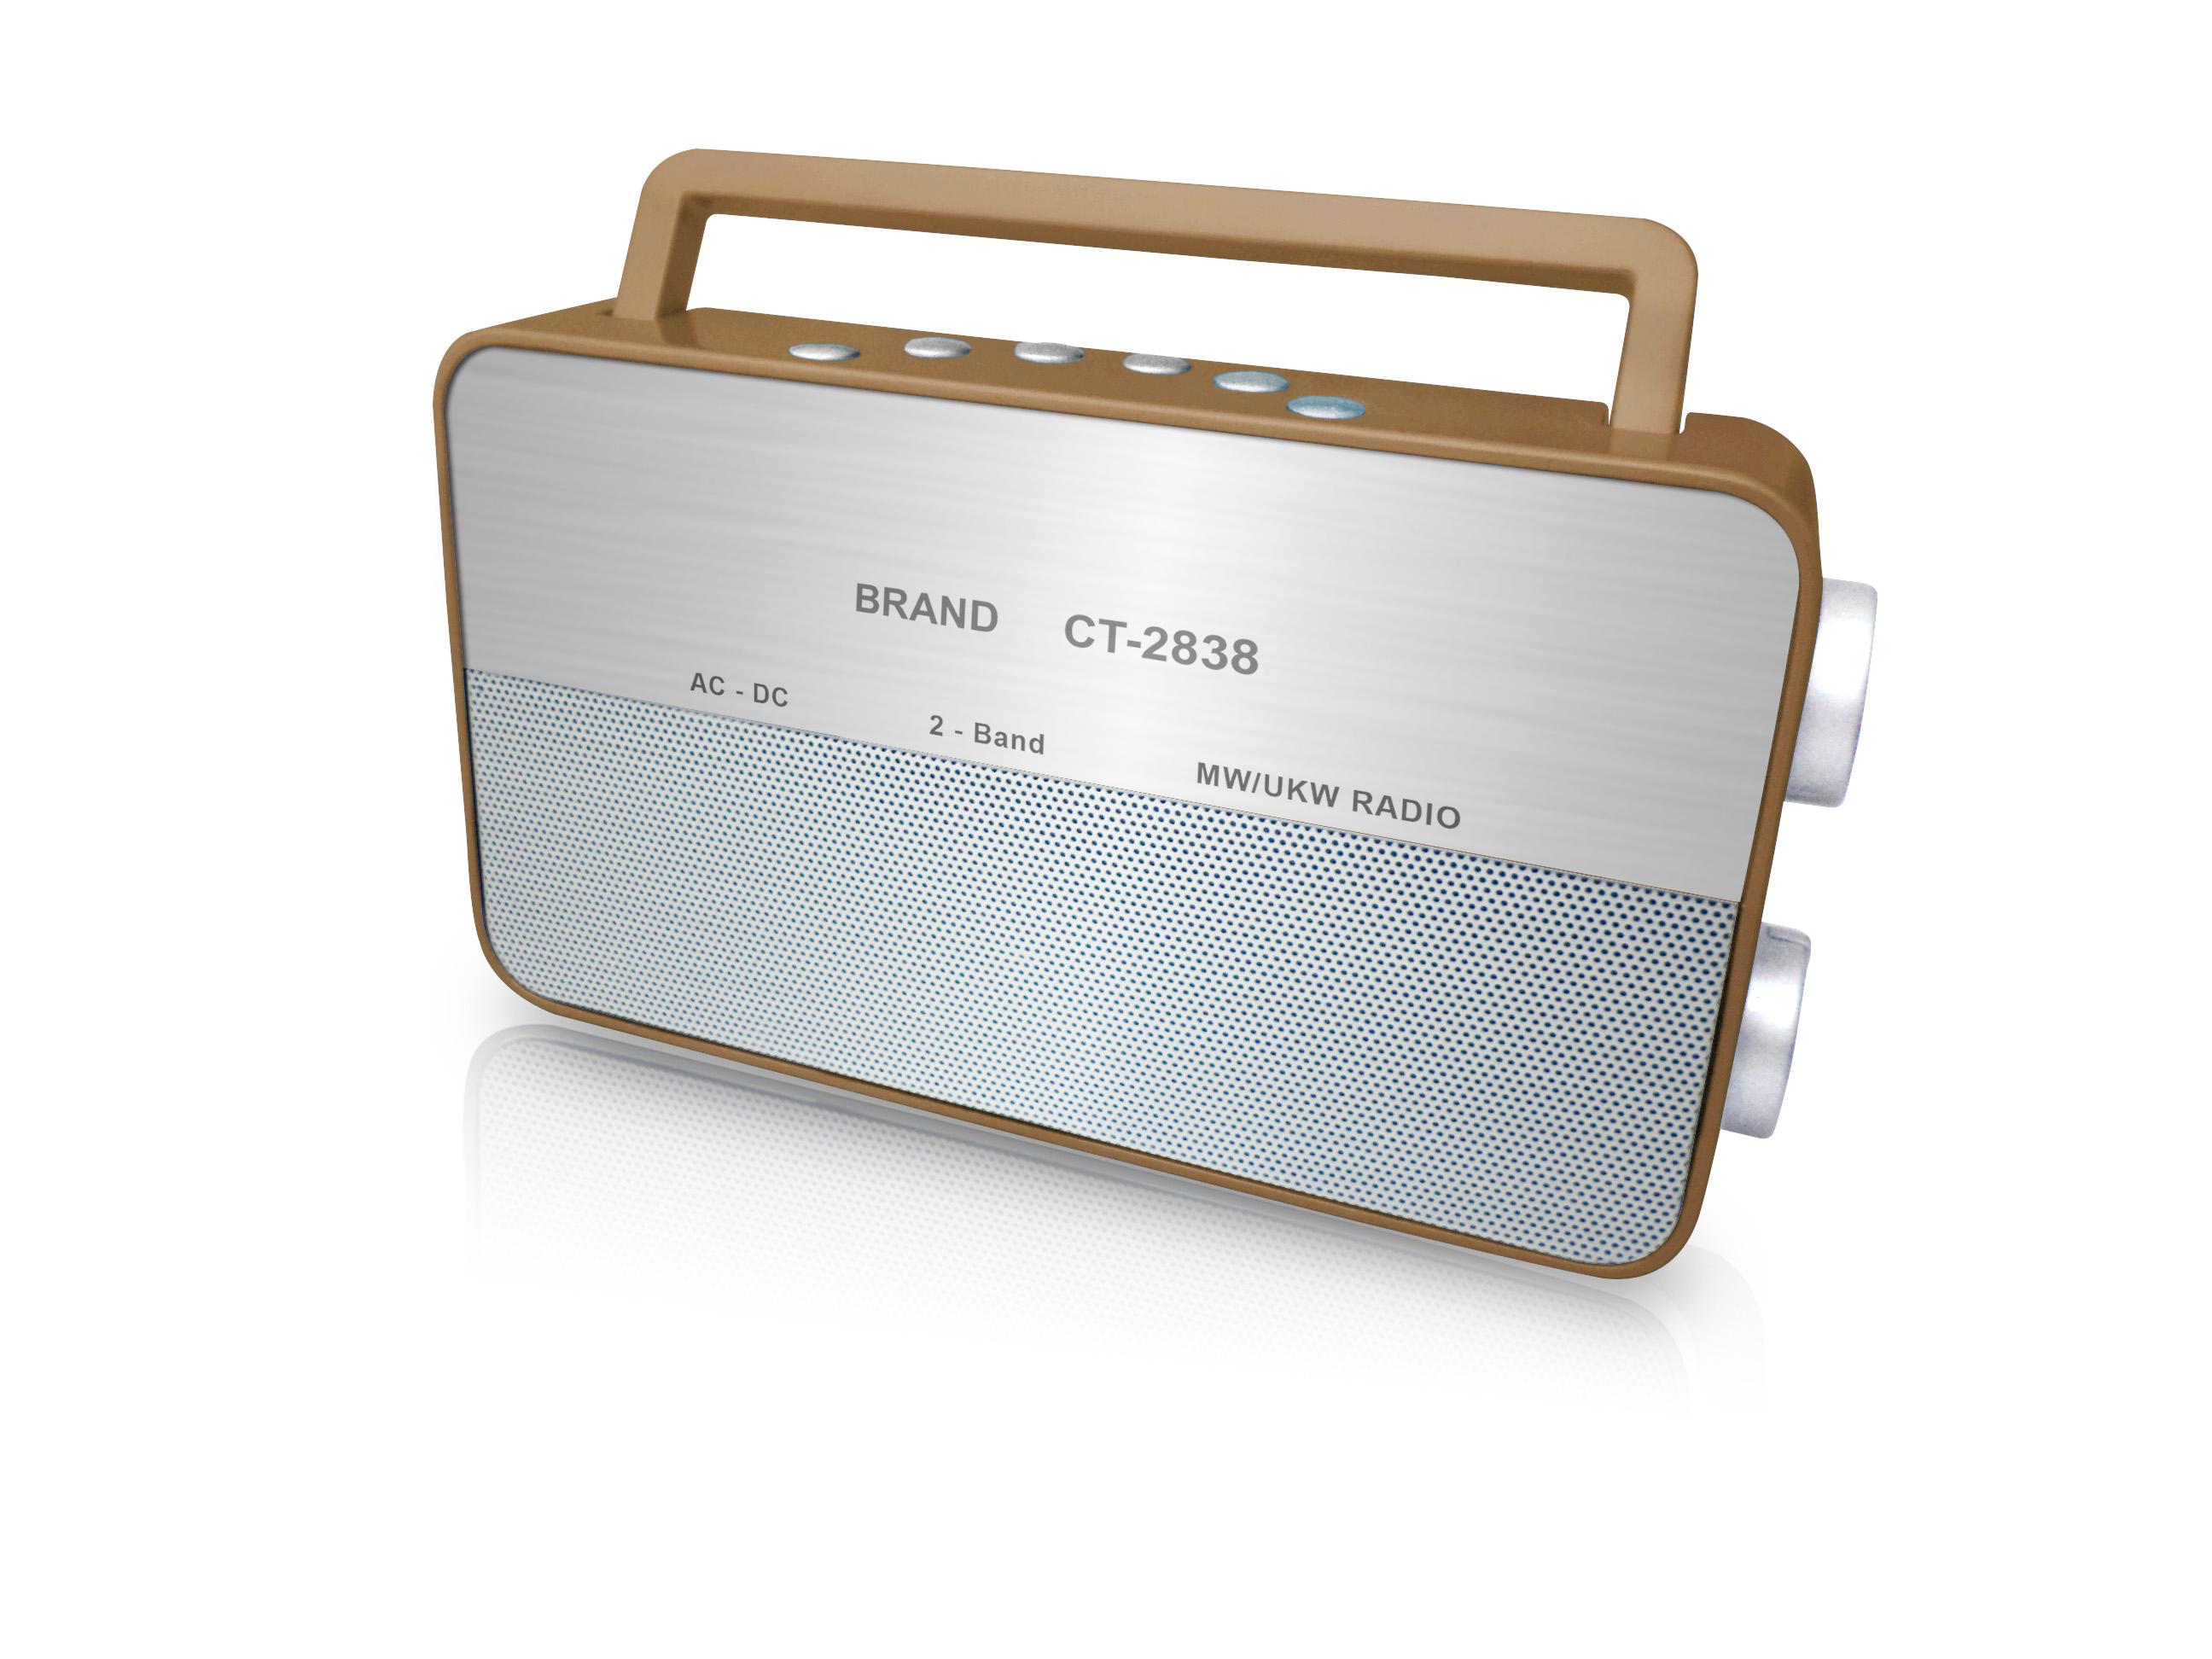 CT-2838 Brand BR.jpg